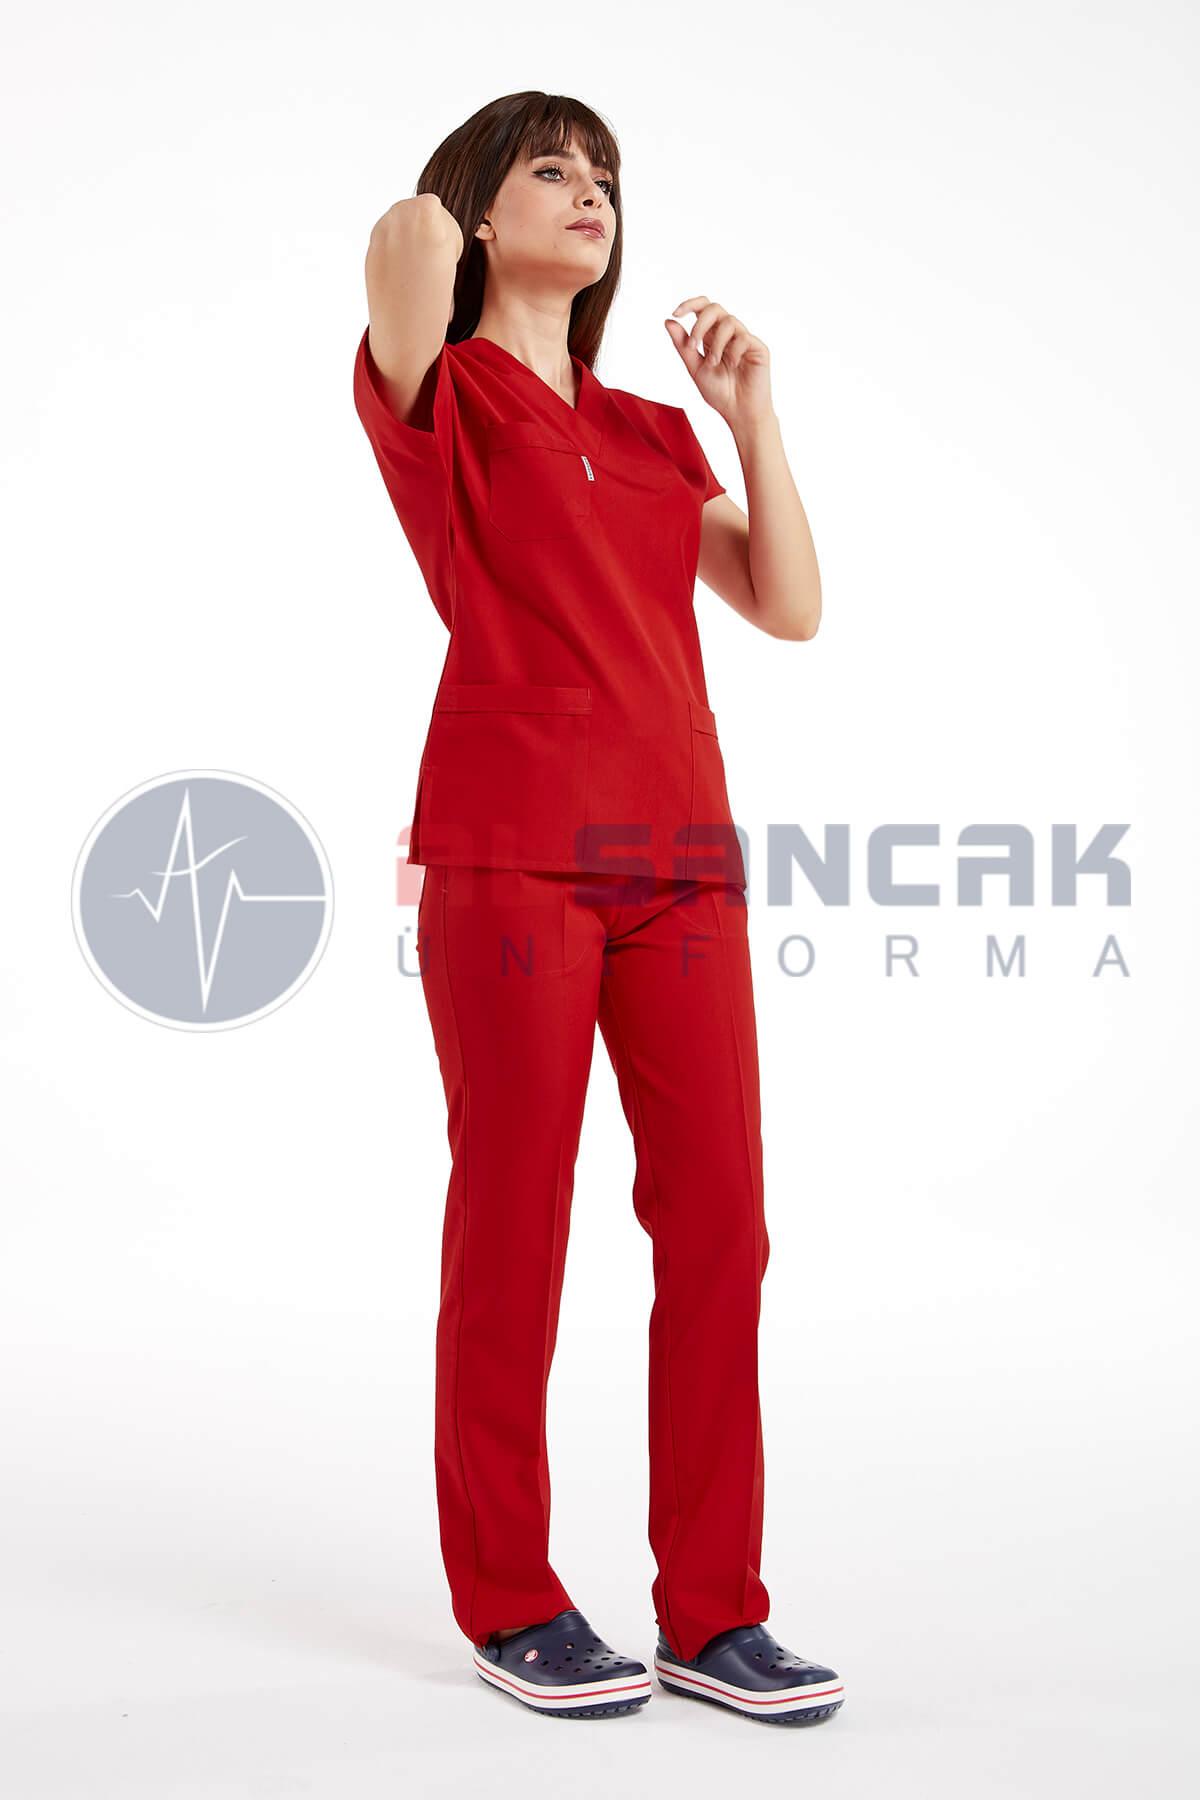 Koyu Kırmızı Likralı Doktor ve Hemşire Forması